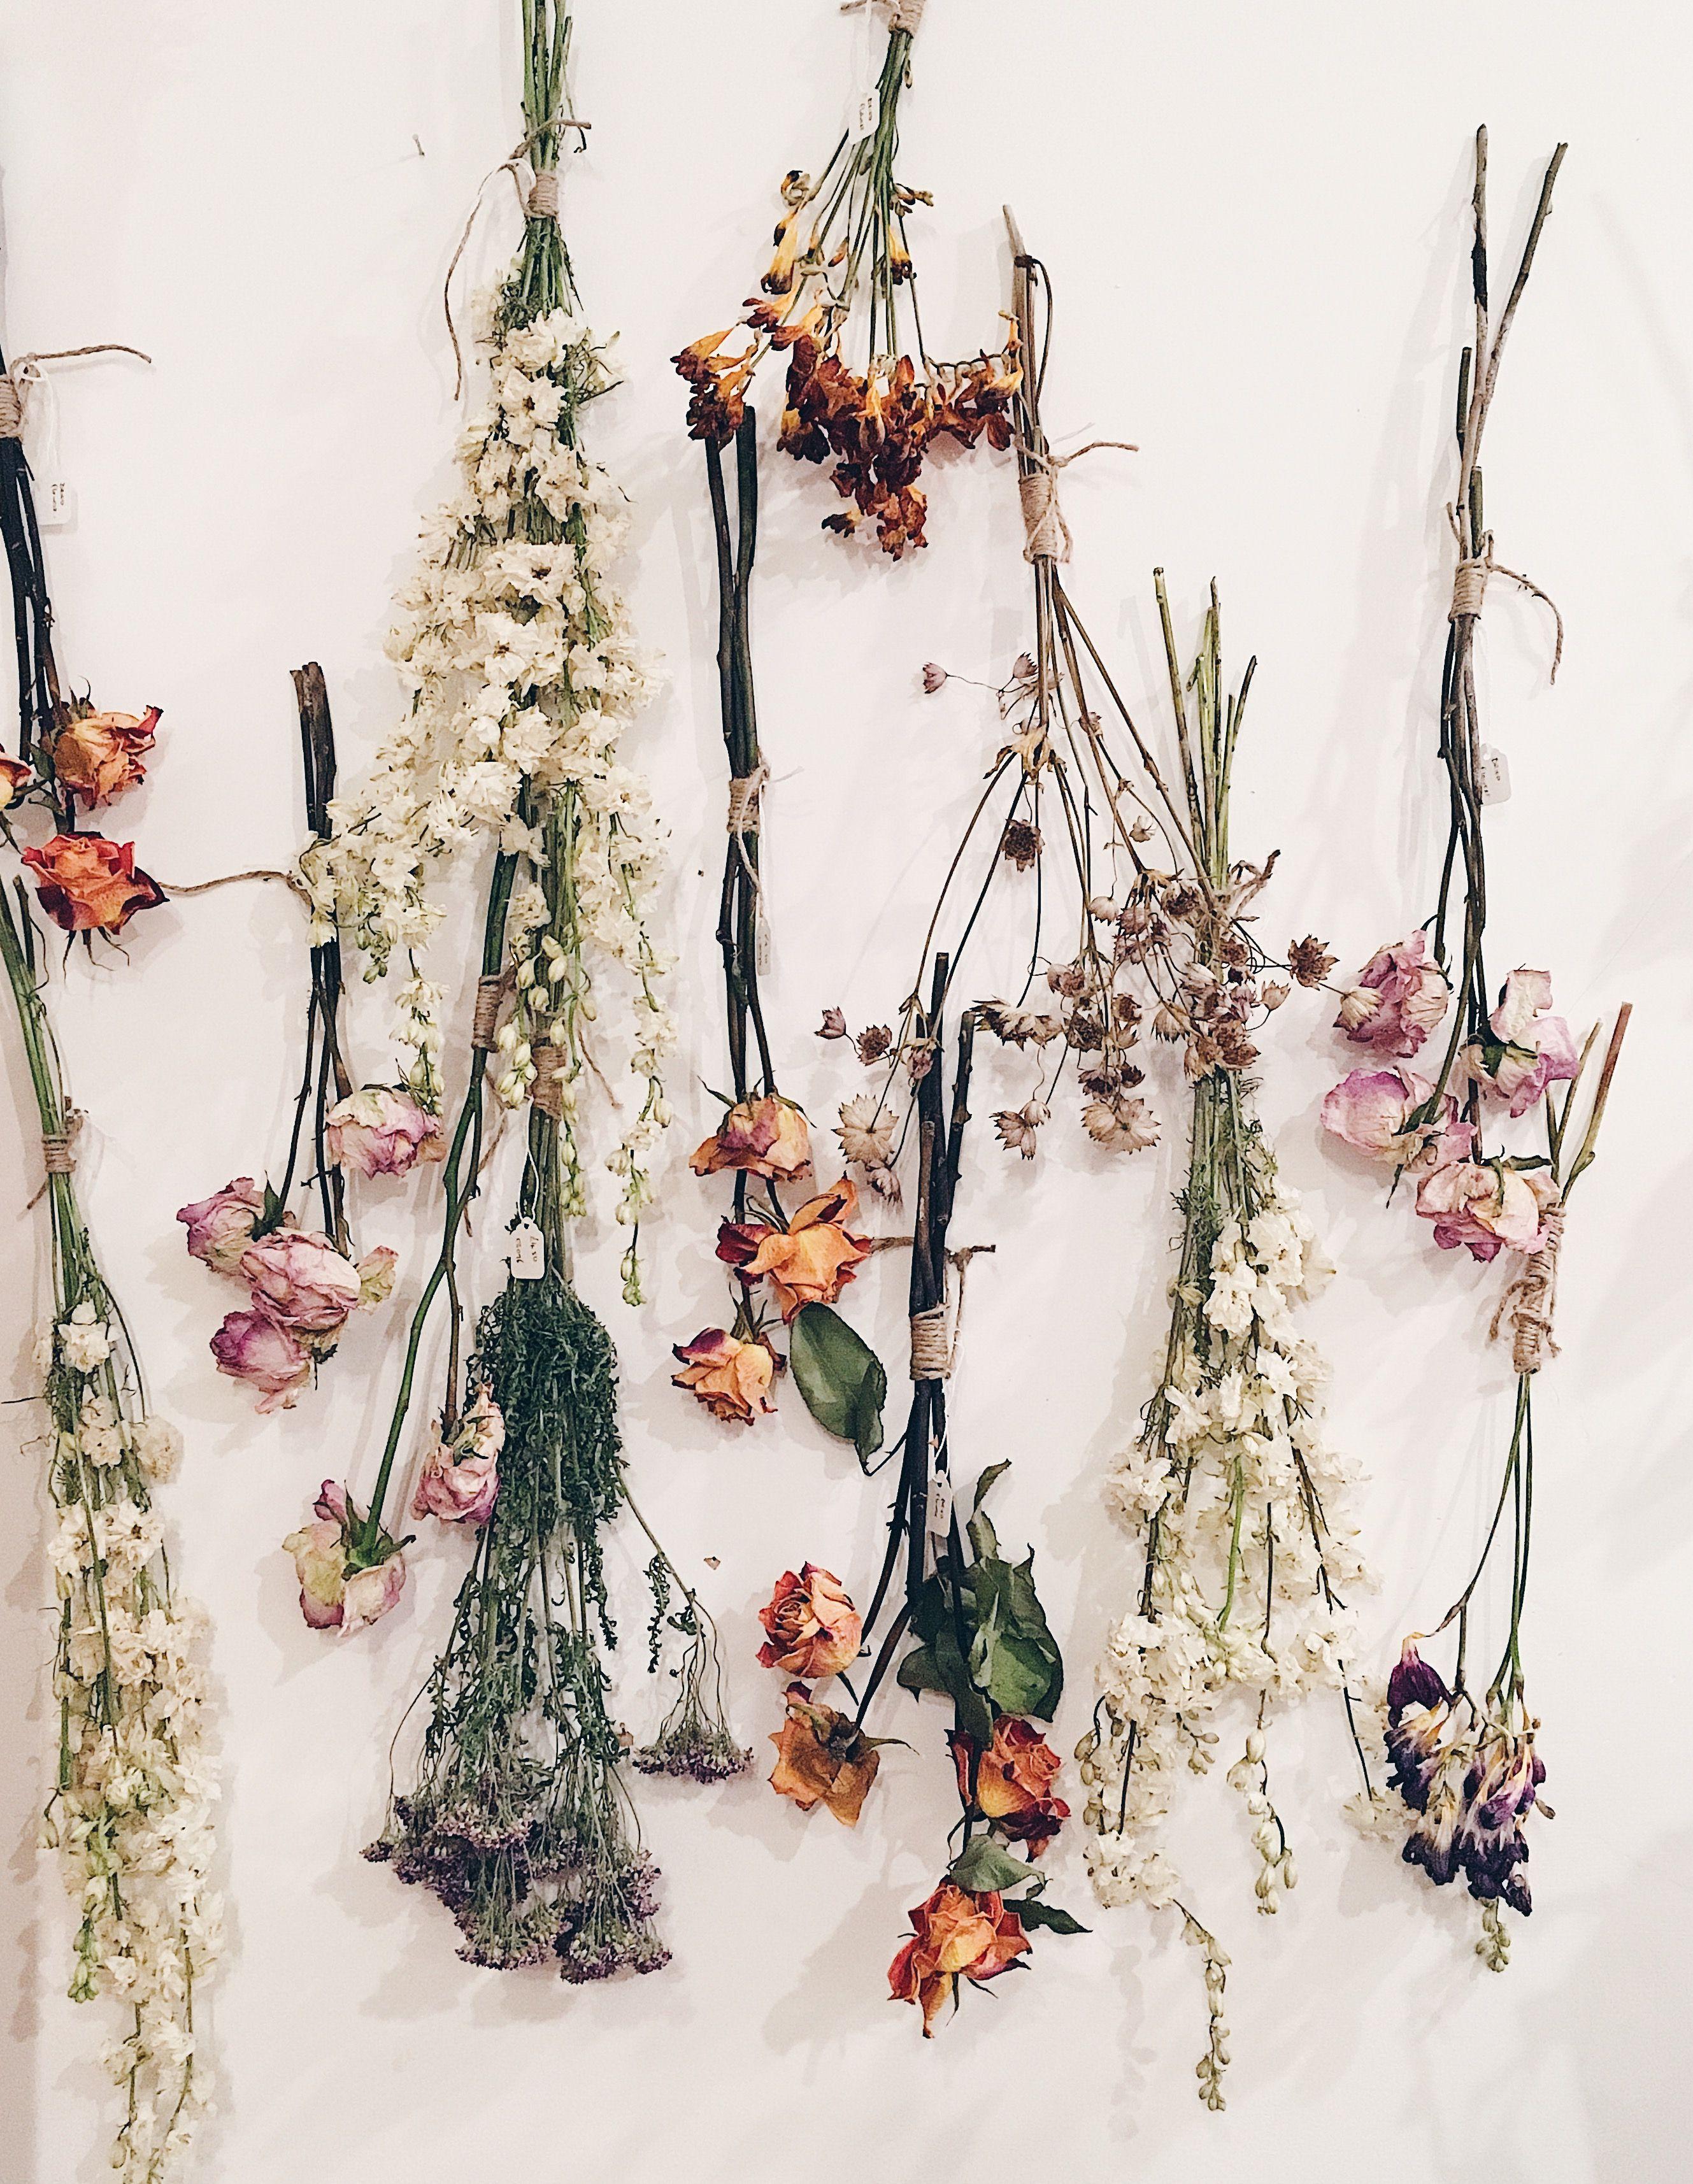 Сухие растения картинки работе фотошопе